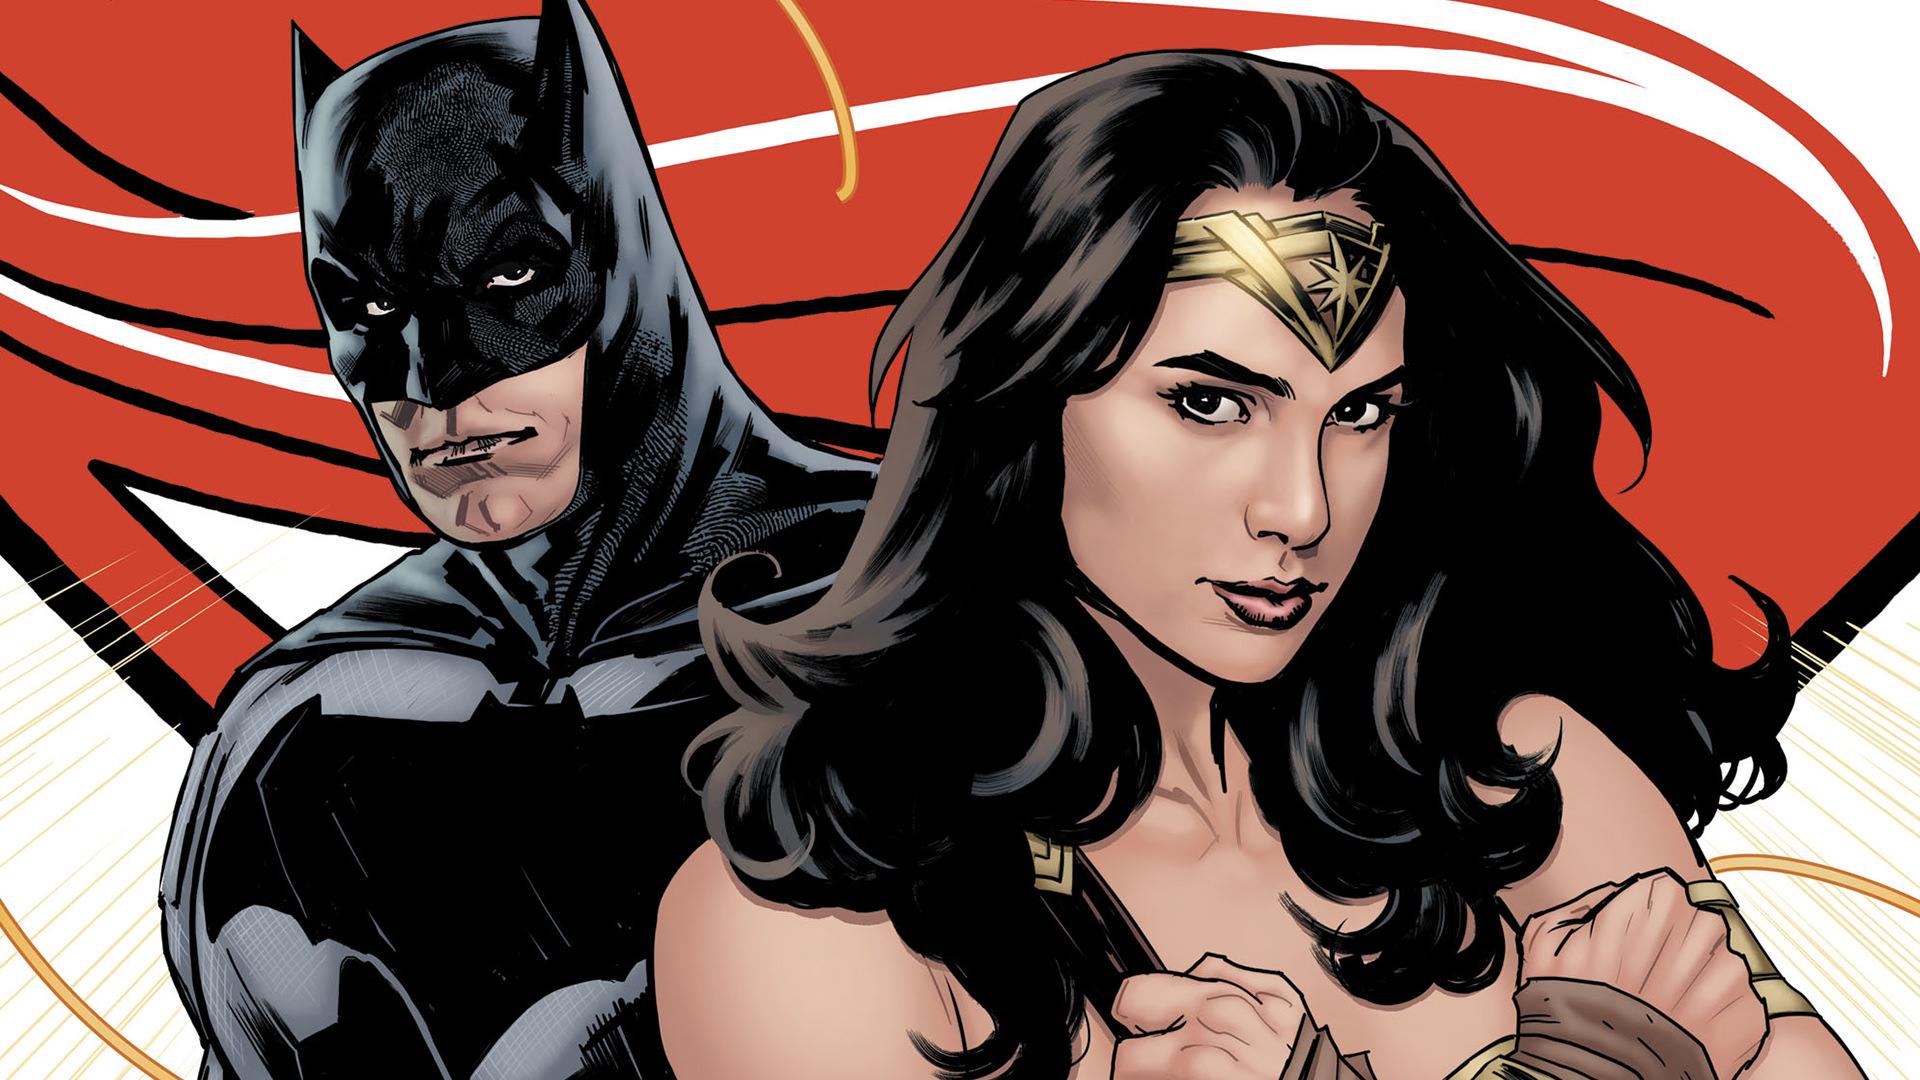 Wonder Woman Hq Movie Wallpapers: Batman And Wonder Woman Artwork, HD Superheroes, 4k